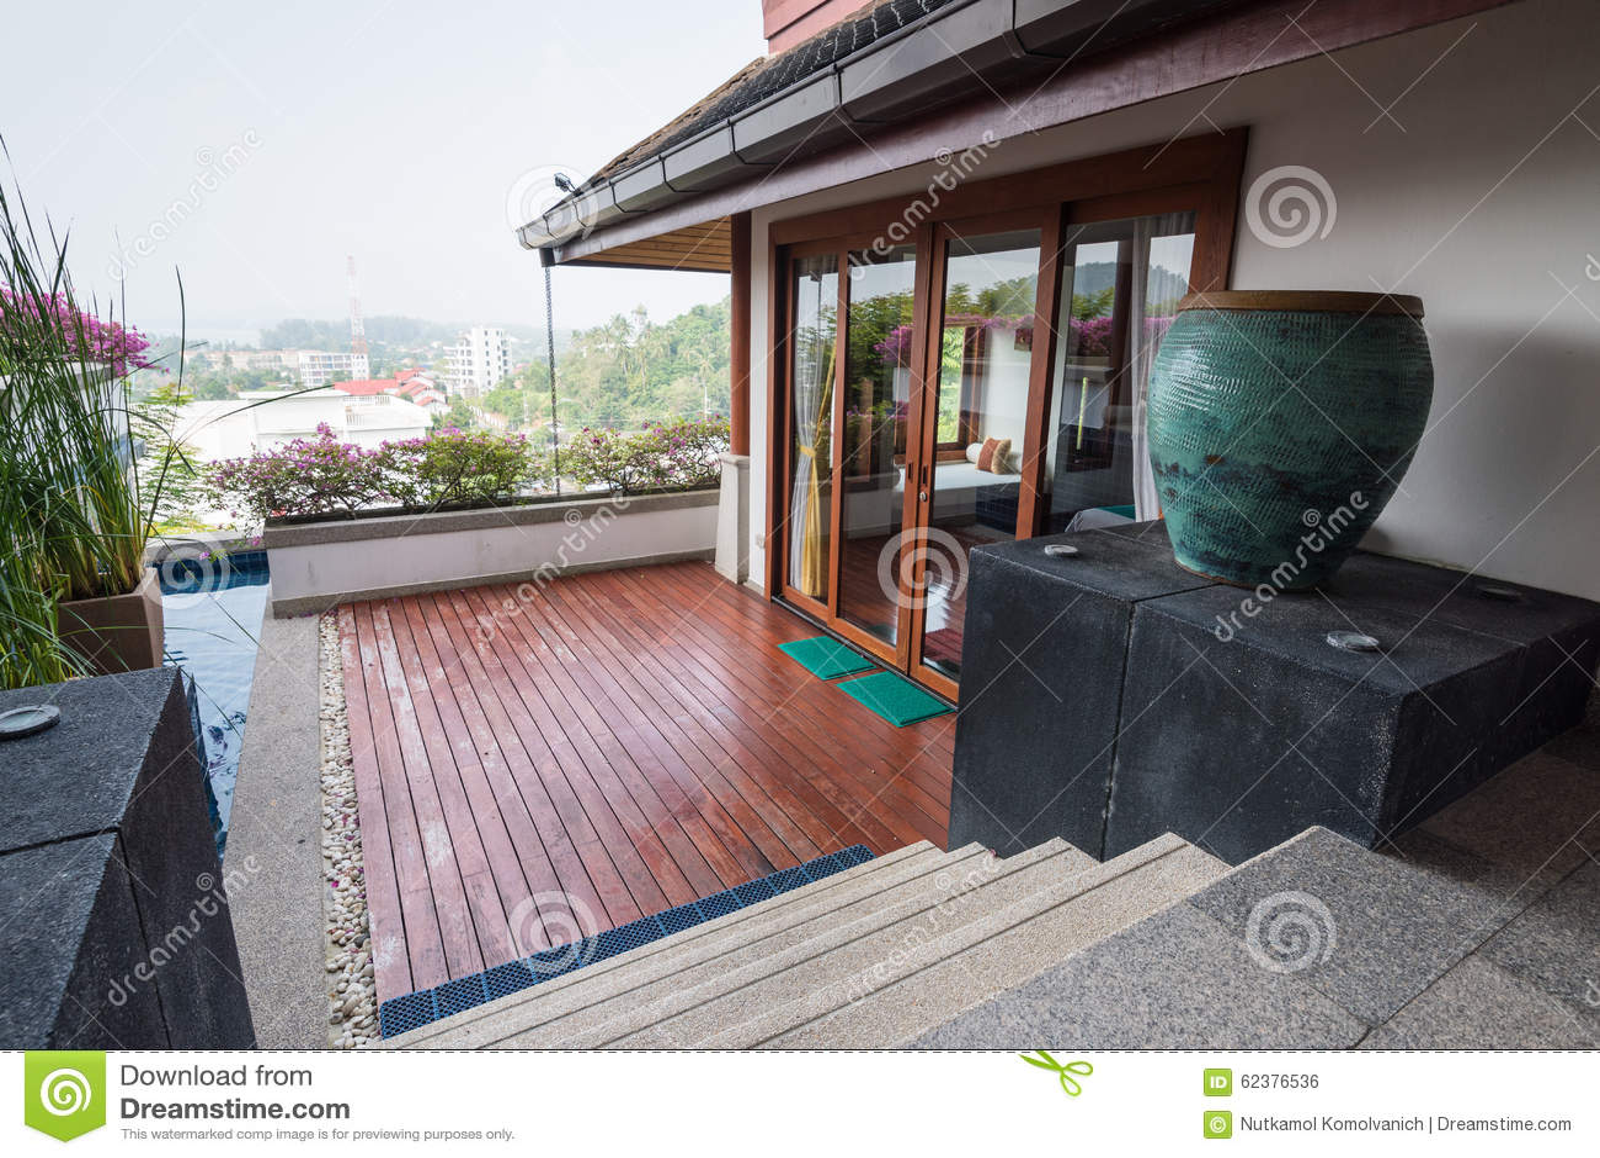 Herenhuis met moderne interieur inrichting inrichting huis